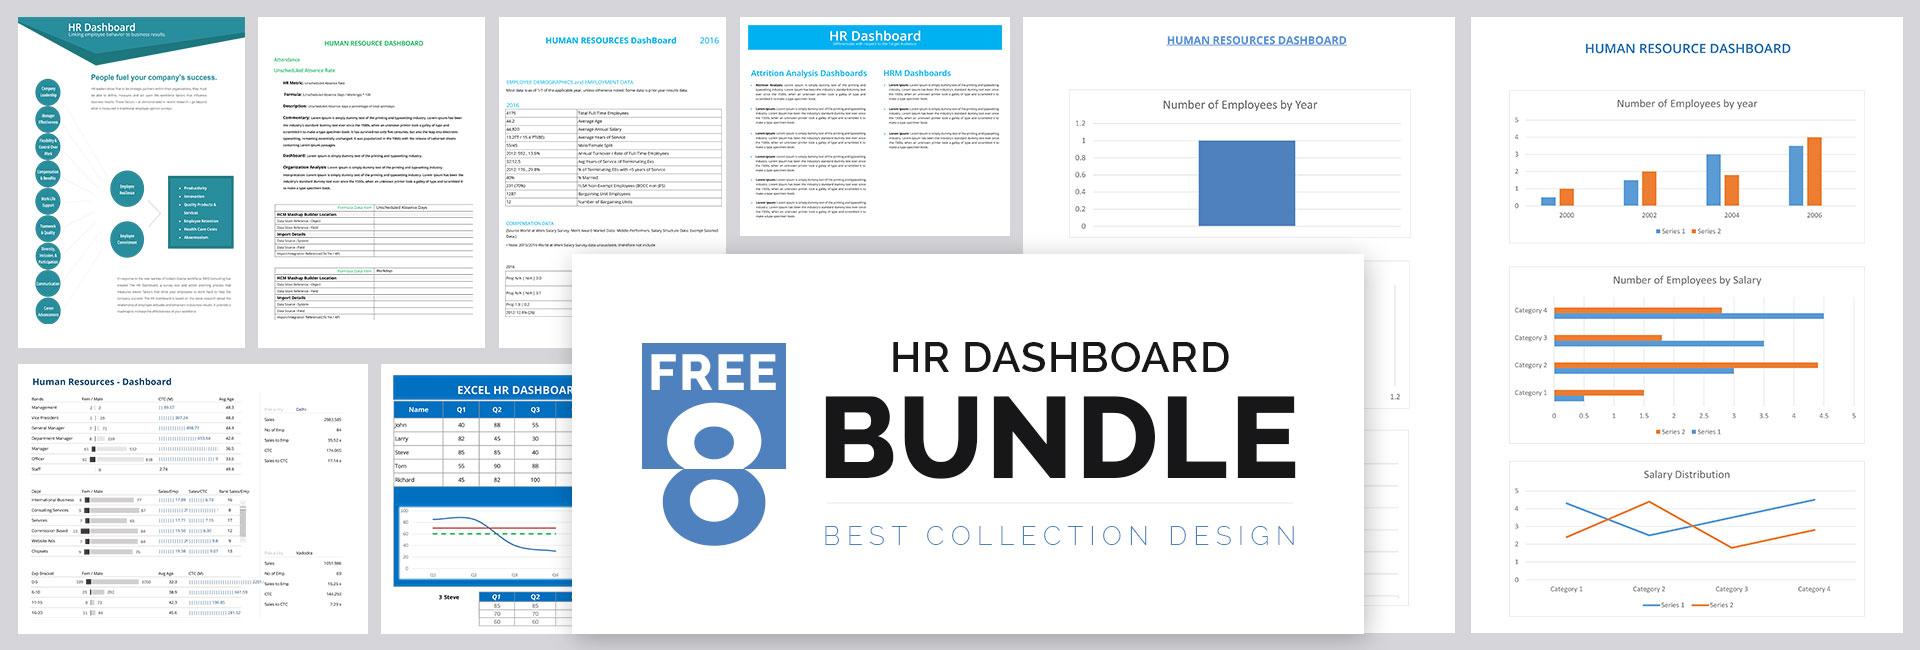 hr_dashbord_bundle